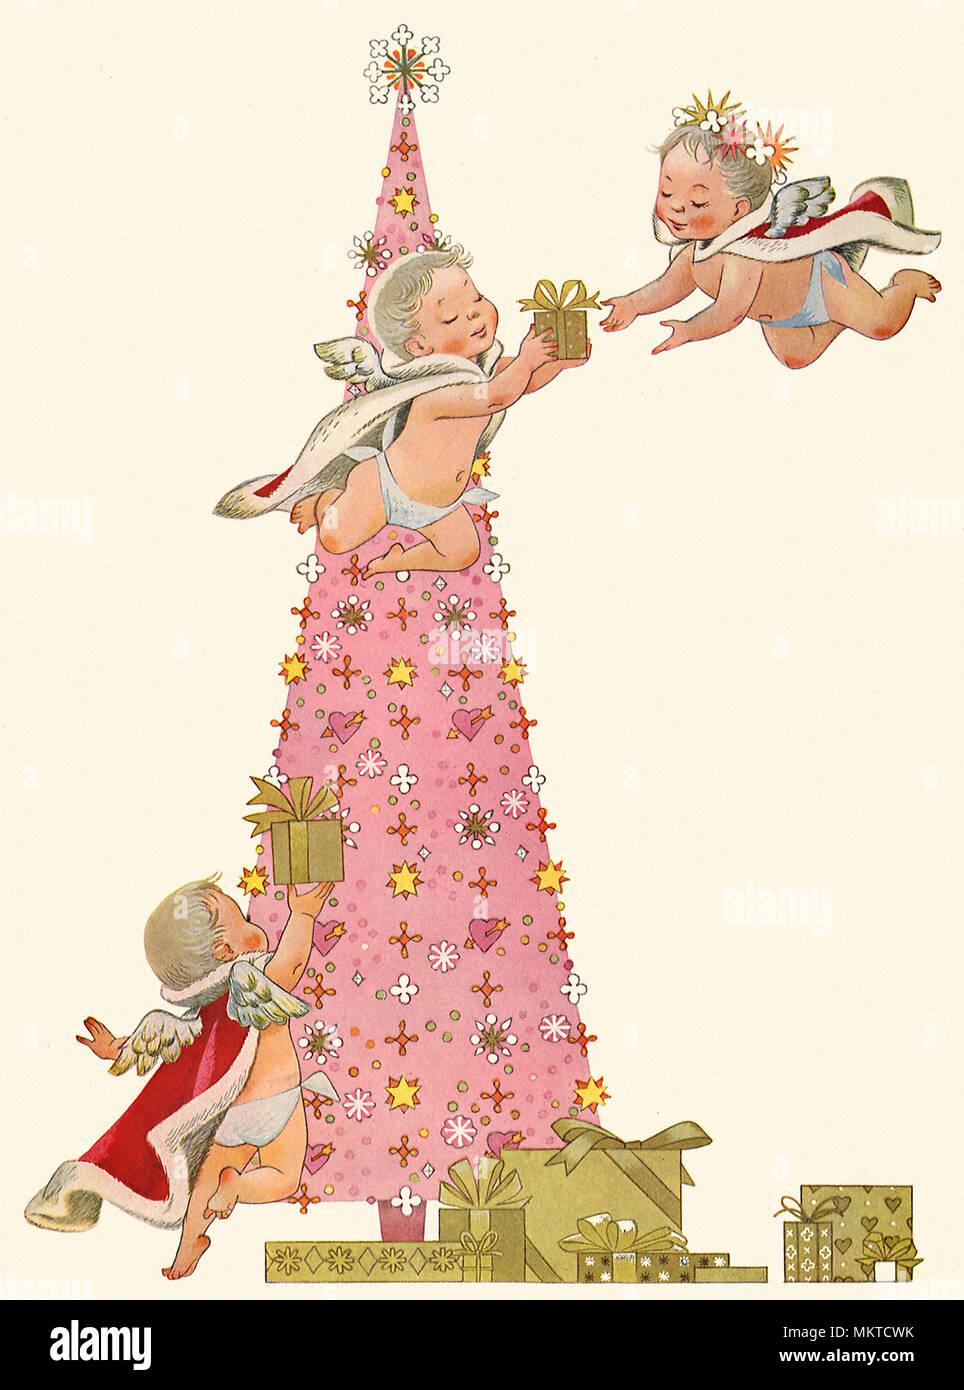 Rosa Weihnachtsbaum.Engelchen Dekorieren Rosa Weihnachtsbaum Stockfoto Bild 184319119